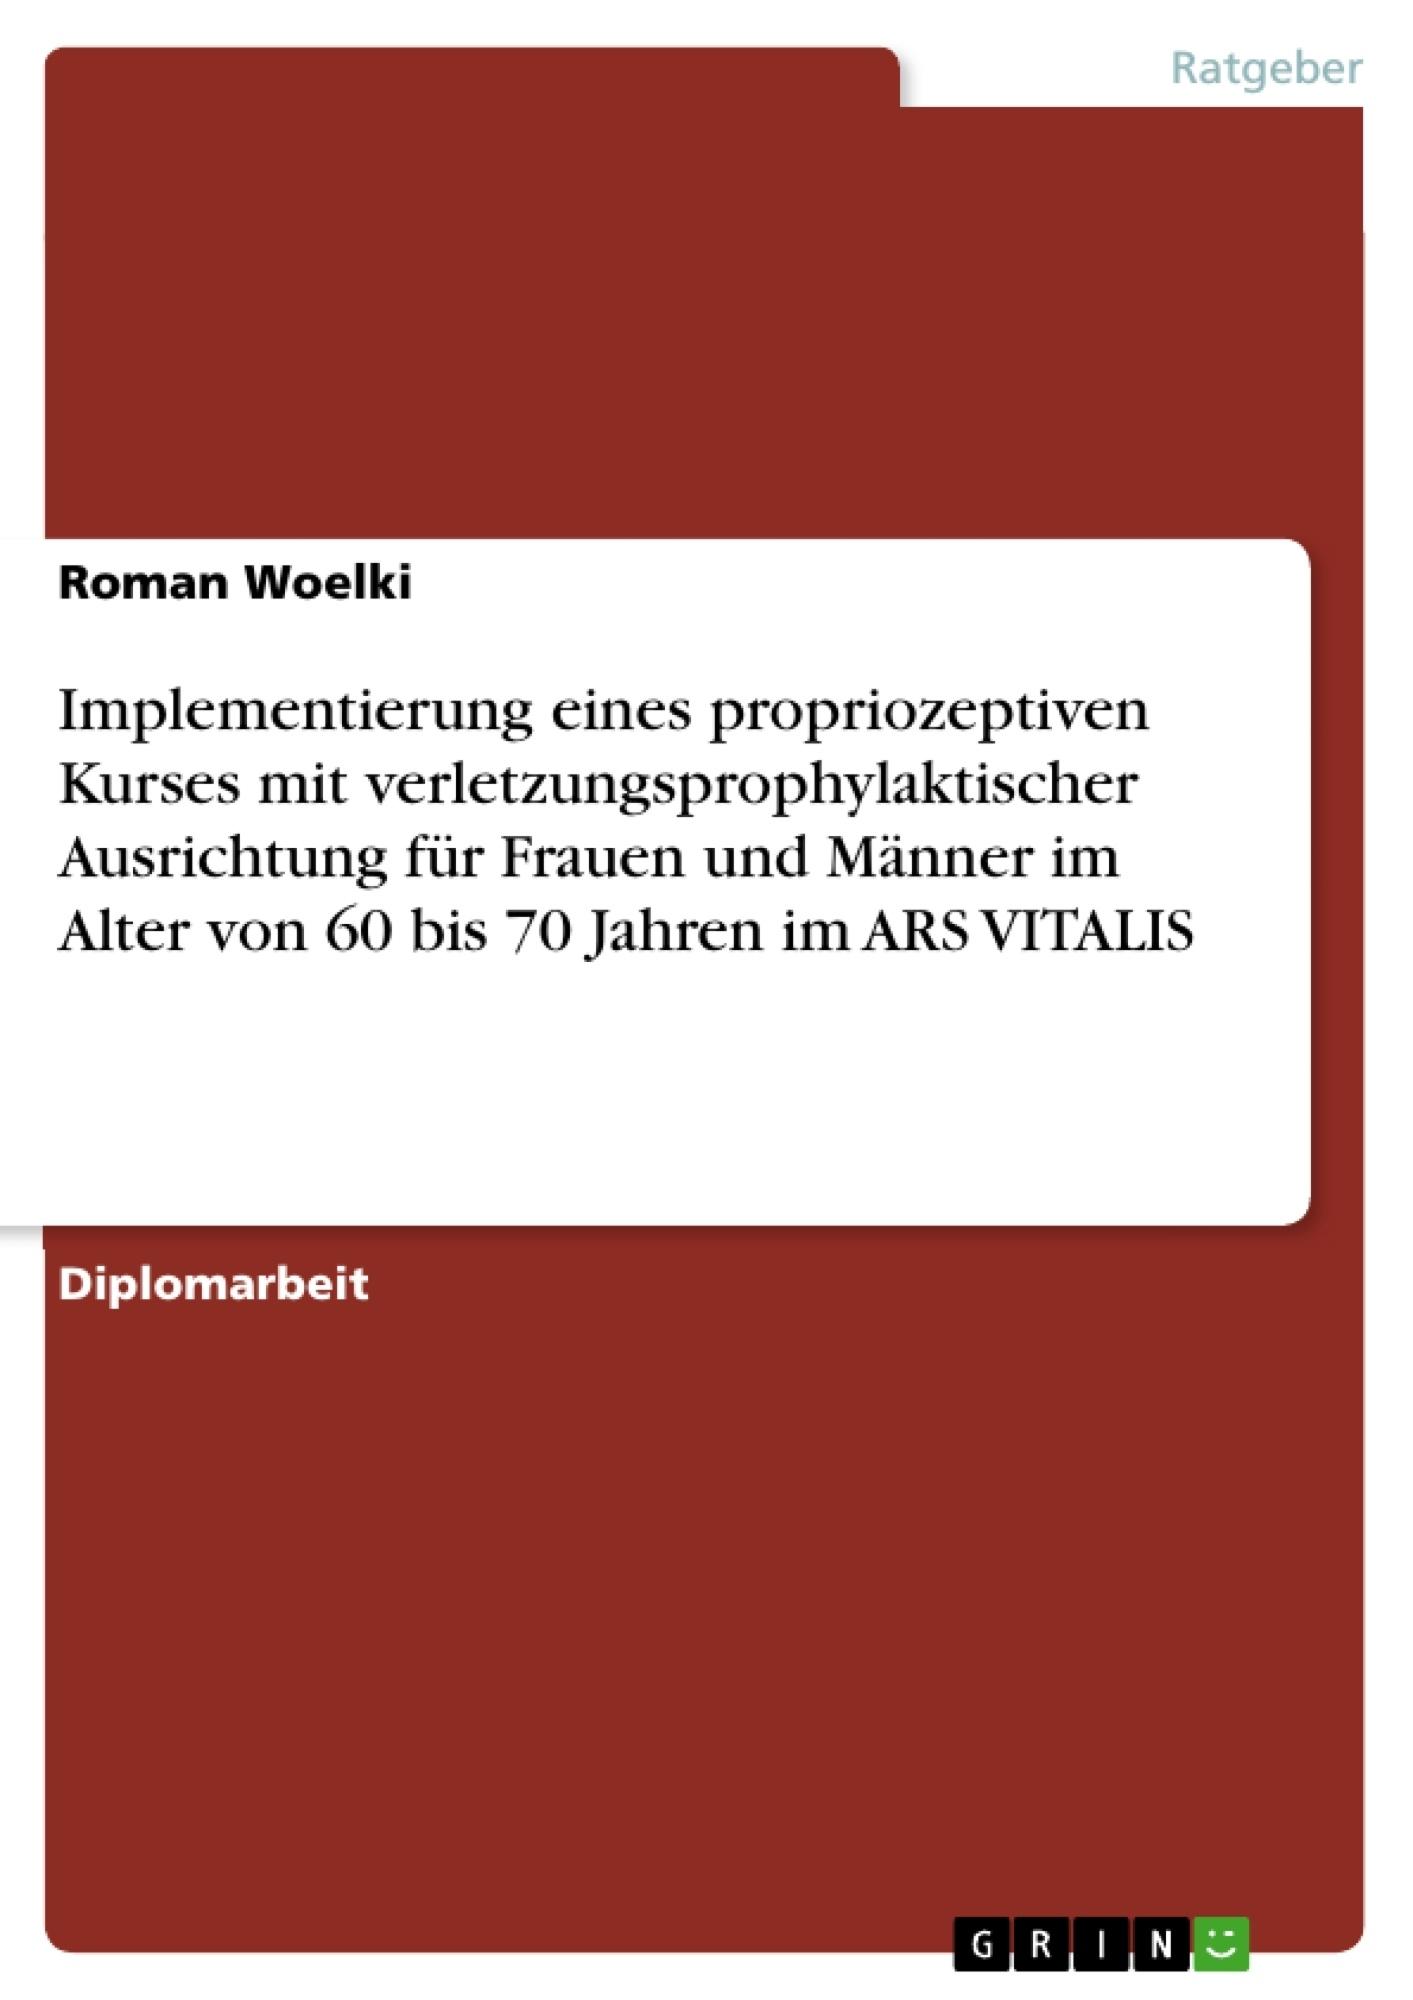 Titel: Implementierung eines propriozeptiven Kurses mit verletzungsprophylaktischer Ausrichtung für Frauen und Männer im Alter von 60 bis 70 Jahren im ARS VITALIS